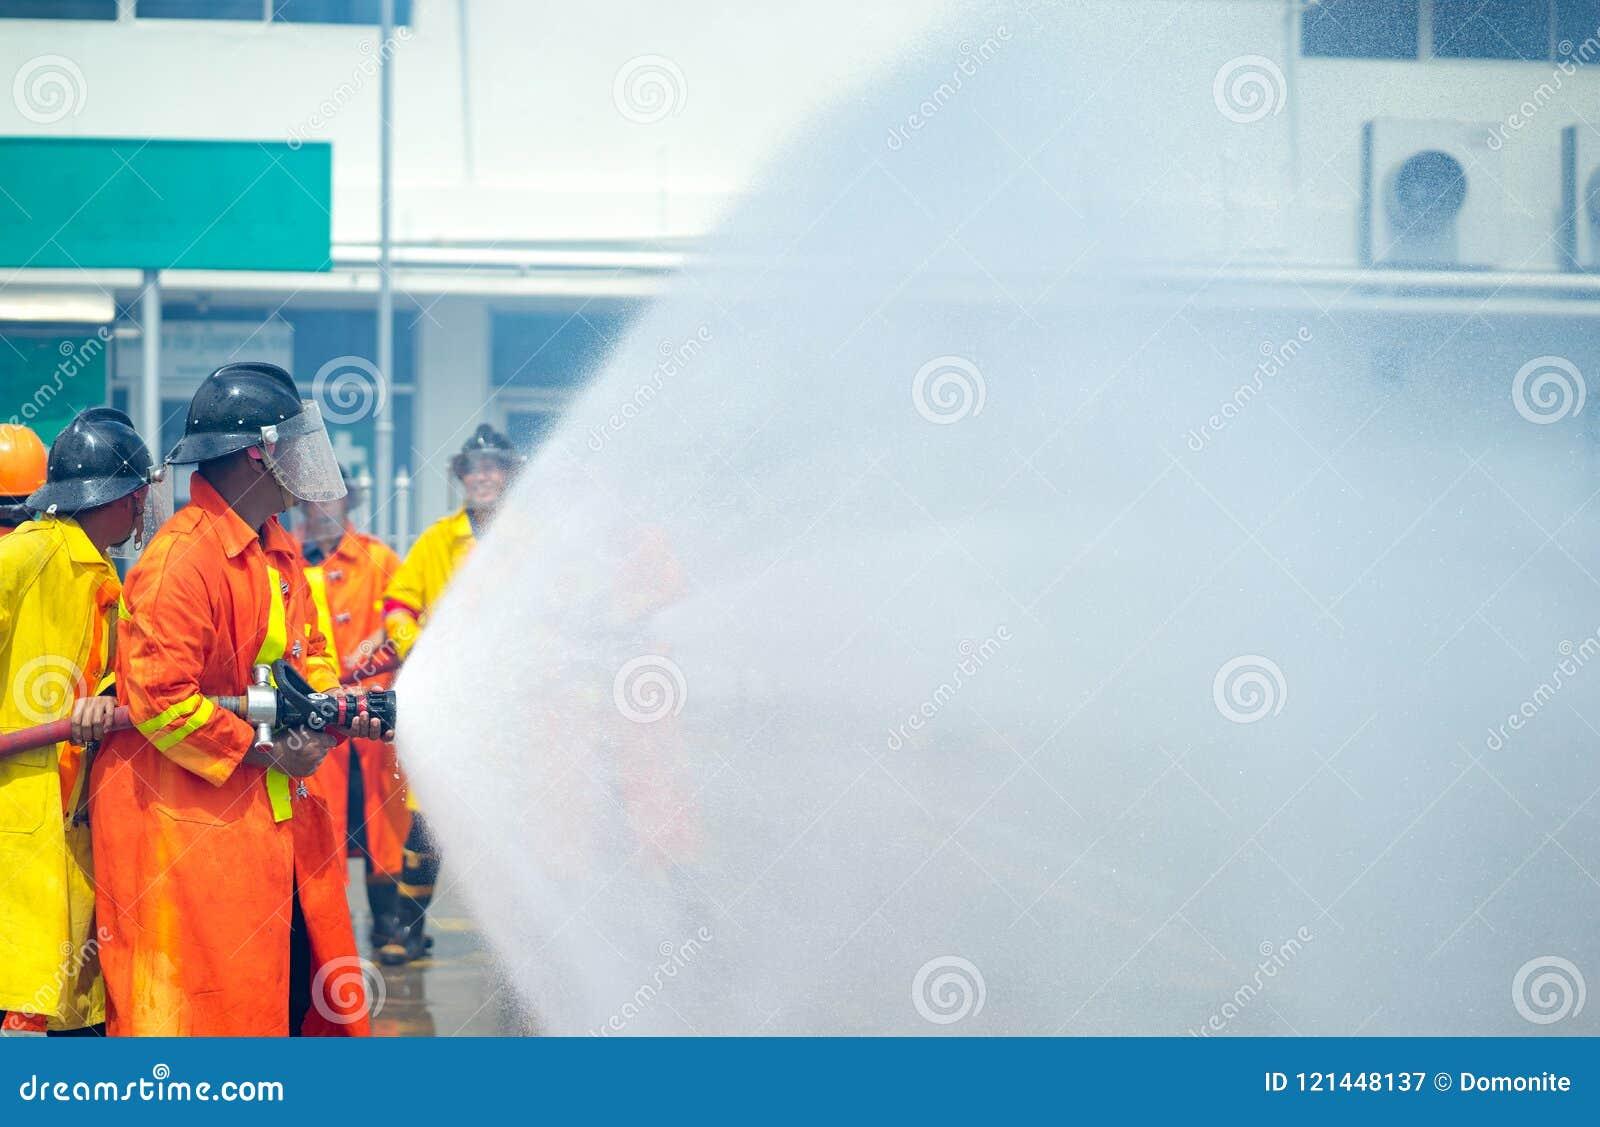 Σε επείγουσα περίπτωση κατάσταση της κατάρτισης πυροσβεστών , πυροσβέστης usin